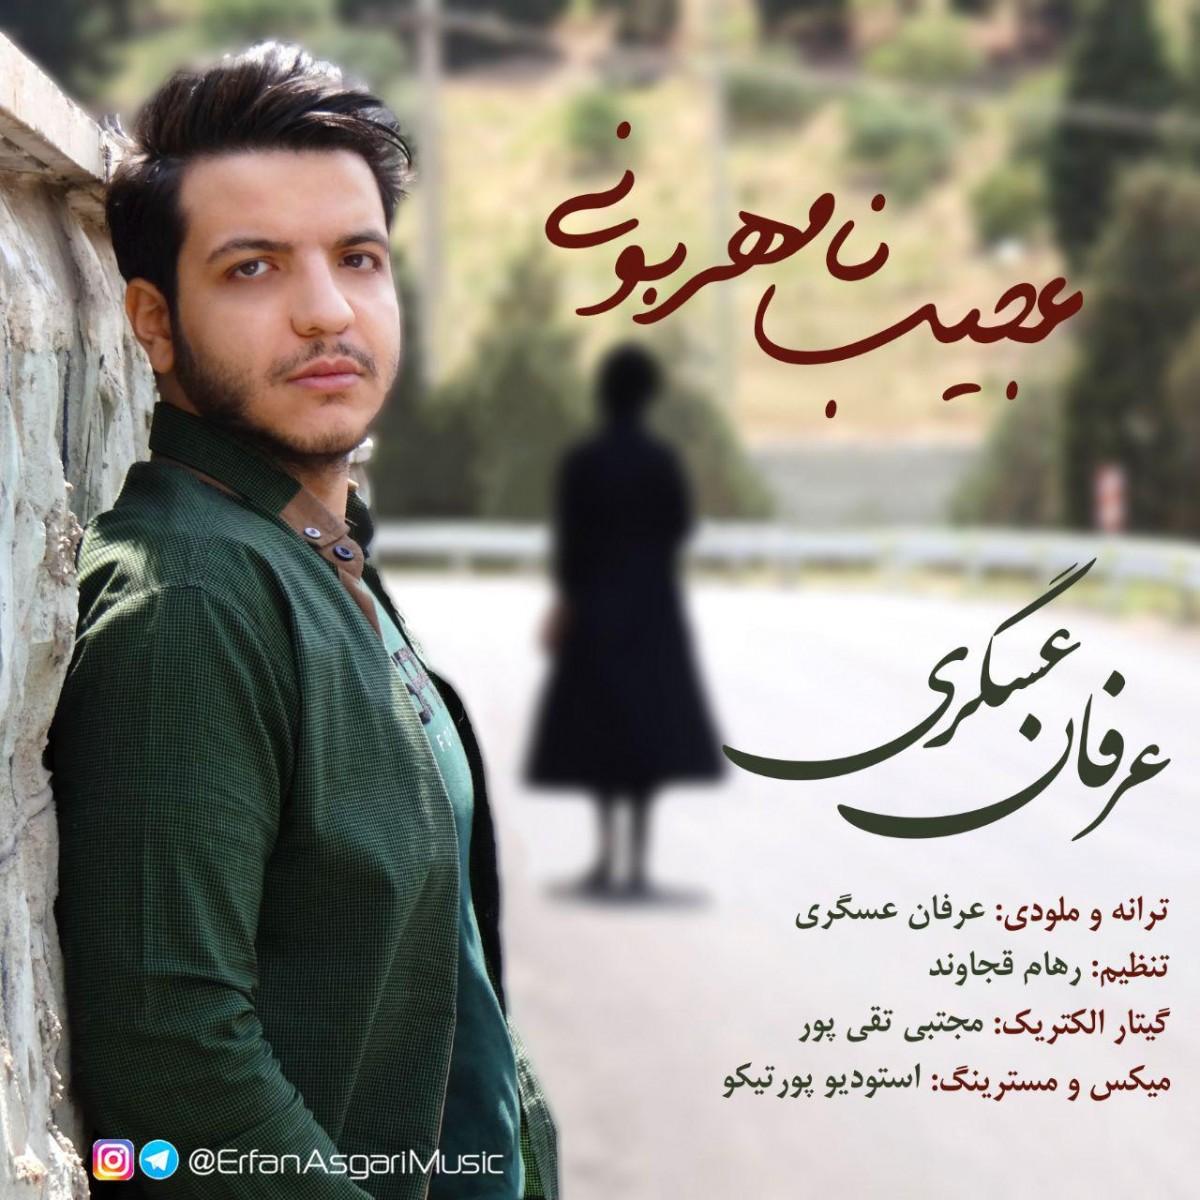 نامبر وان موزیک | دانلود آهنگ جدید Erfan-Asgari-Ajib-Namehrabooni